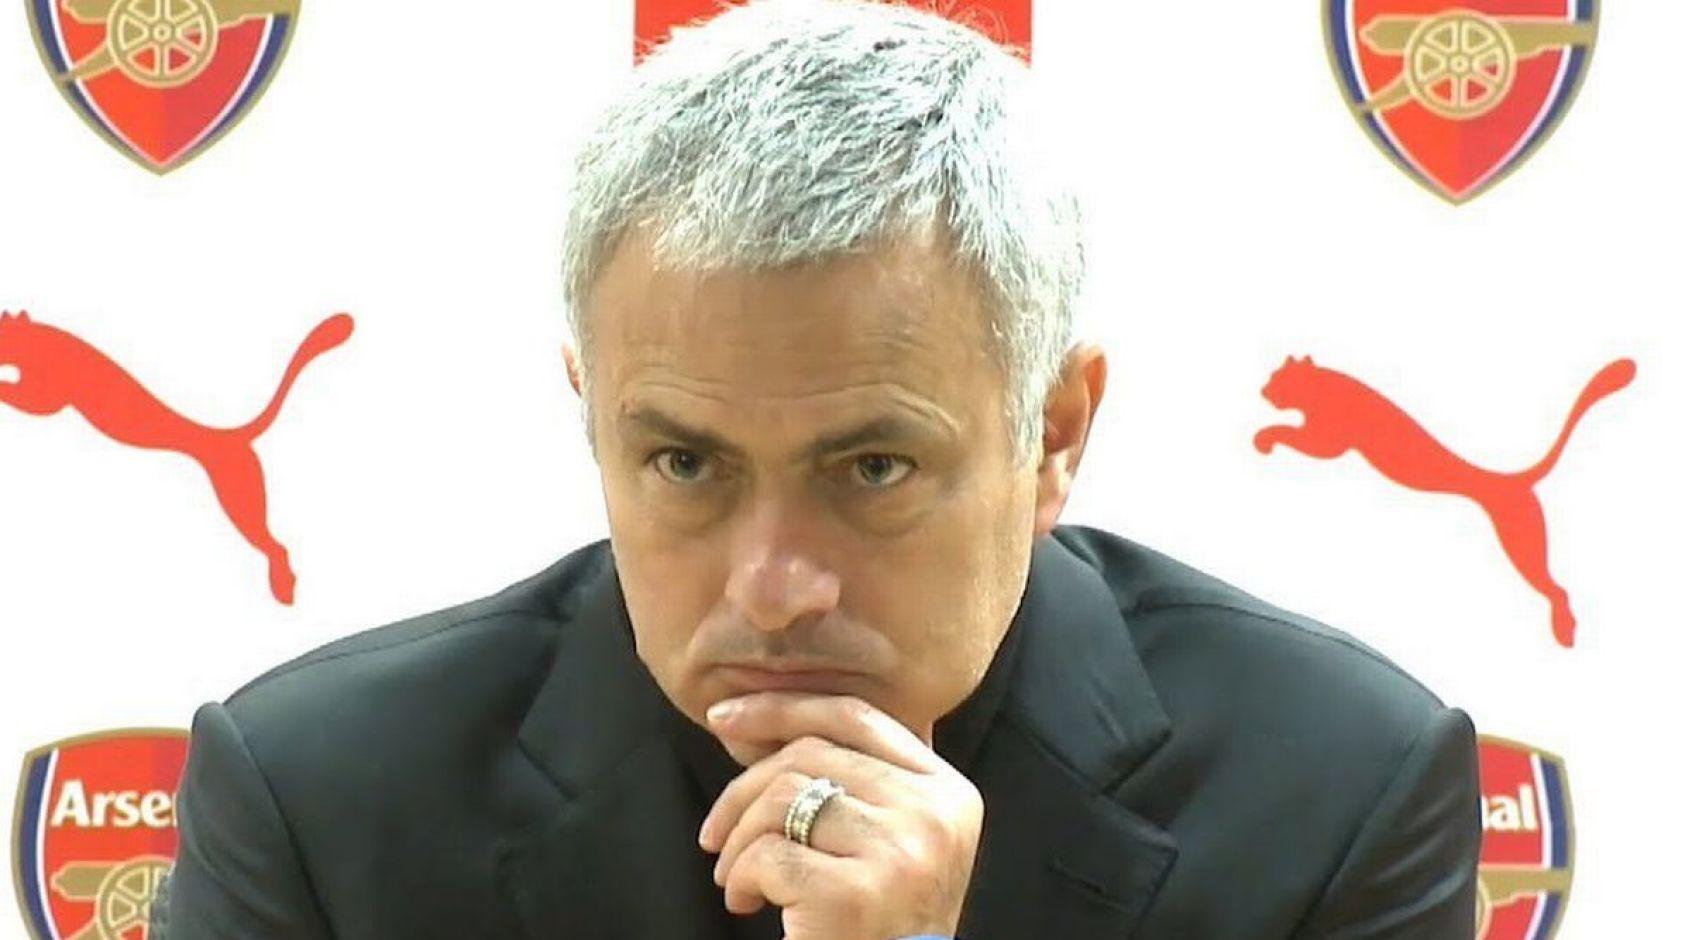 """Жозе Моуриньо в """"Арсенале"""": выдумки прессы или реальность?"""